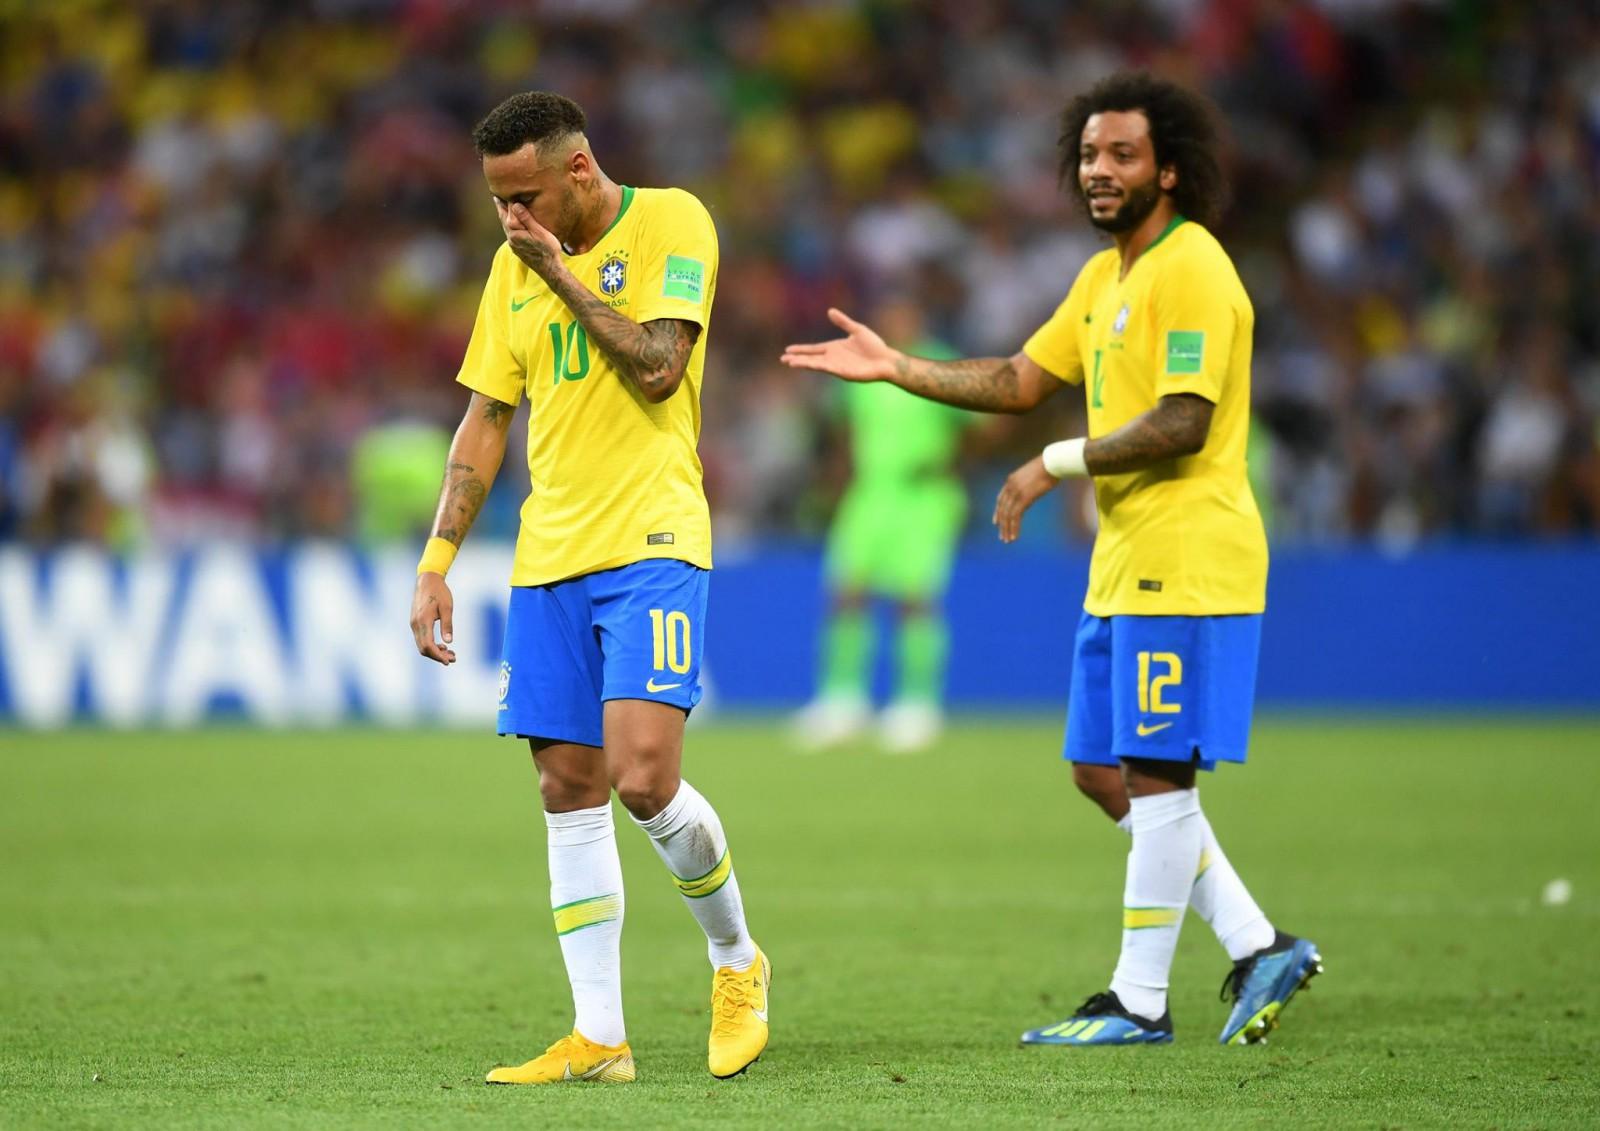 Naționala Belgiei s-a calificat în semifinalele Campionatului Mondial. Brazilia lui Neymar este din nou eliminată din sferturi